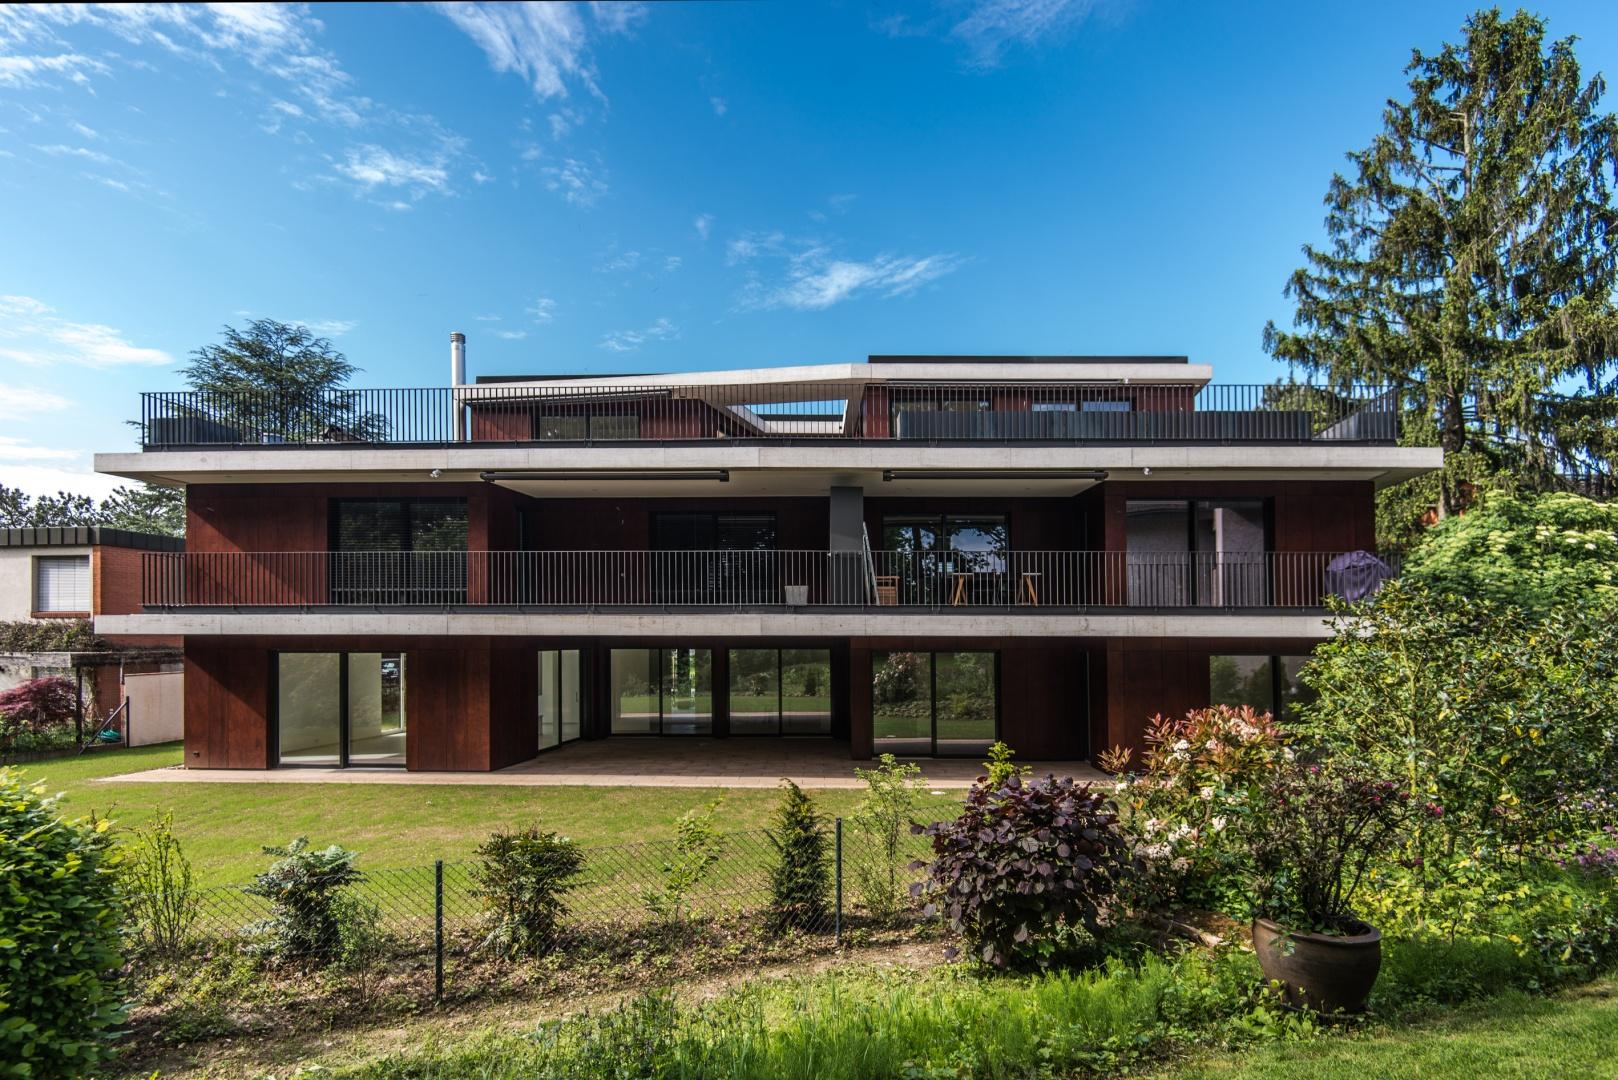 Neubau mehrfamilienhaus schweizer baudokumentation for Mehrfamilienhaus neubau